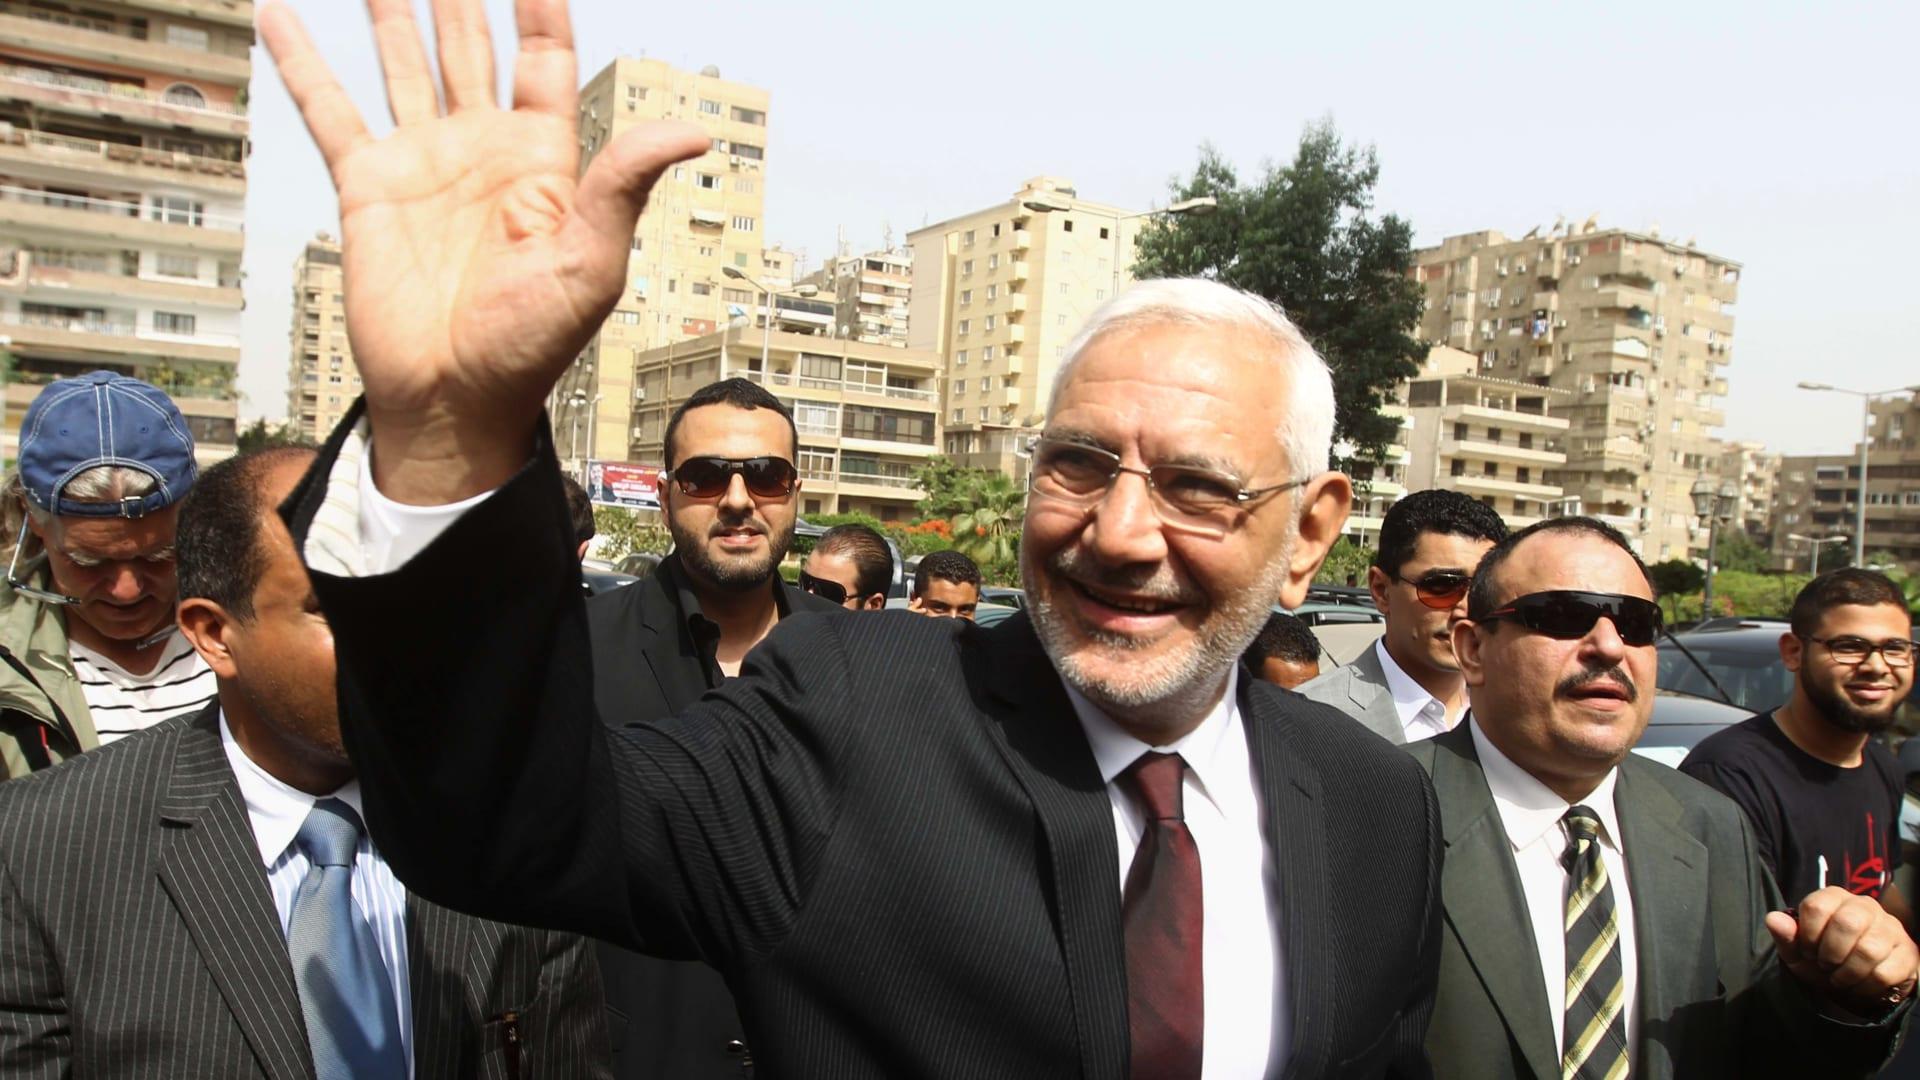 """الداخلية المصرية: أبو الفتوح خطط لإثارة البلبلة .. وحزب """"مصر القوية"""" يرد على اعتقال رئيسه"""